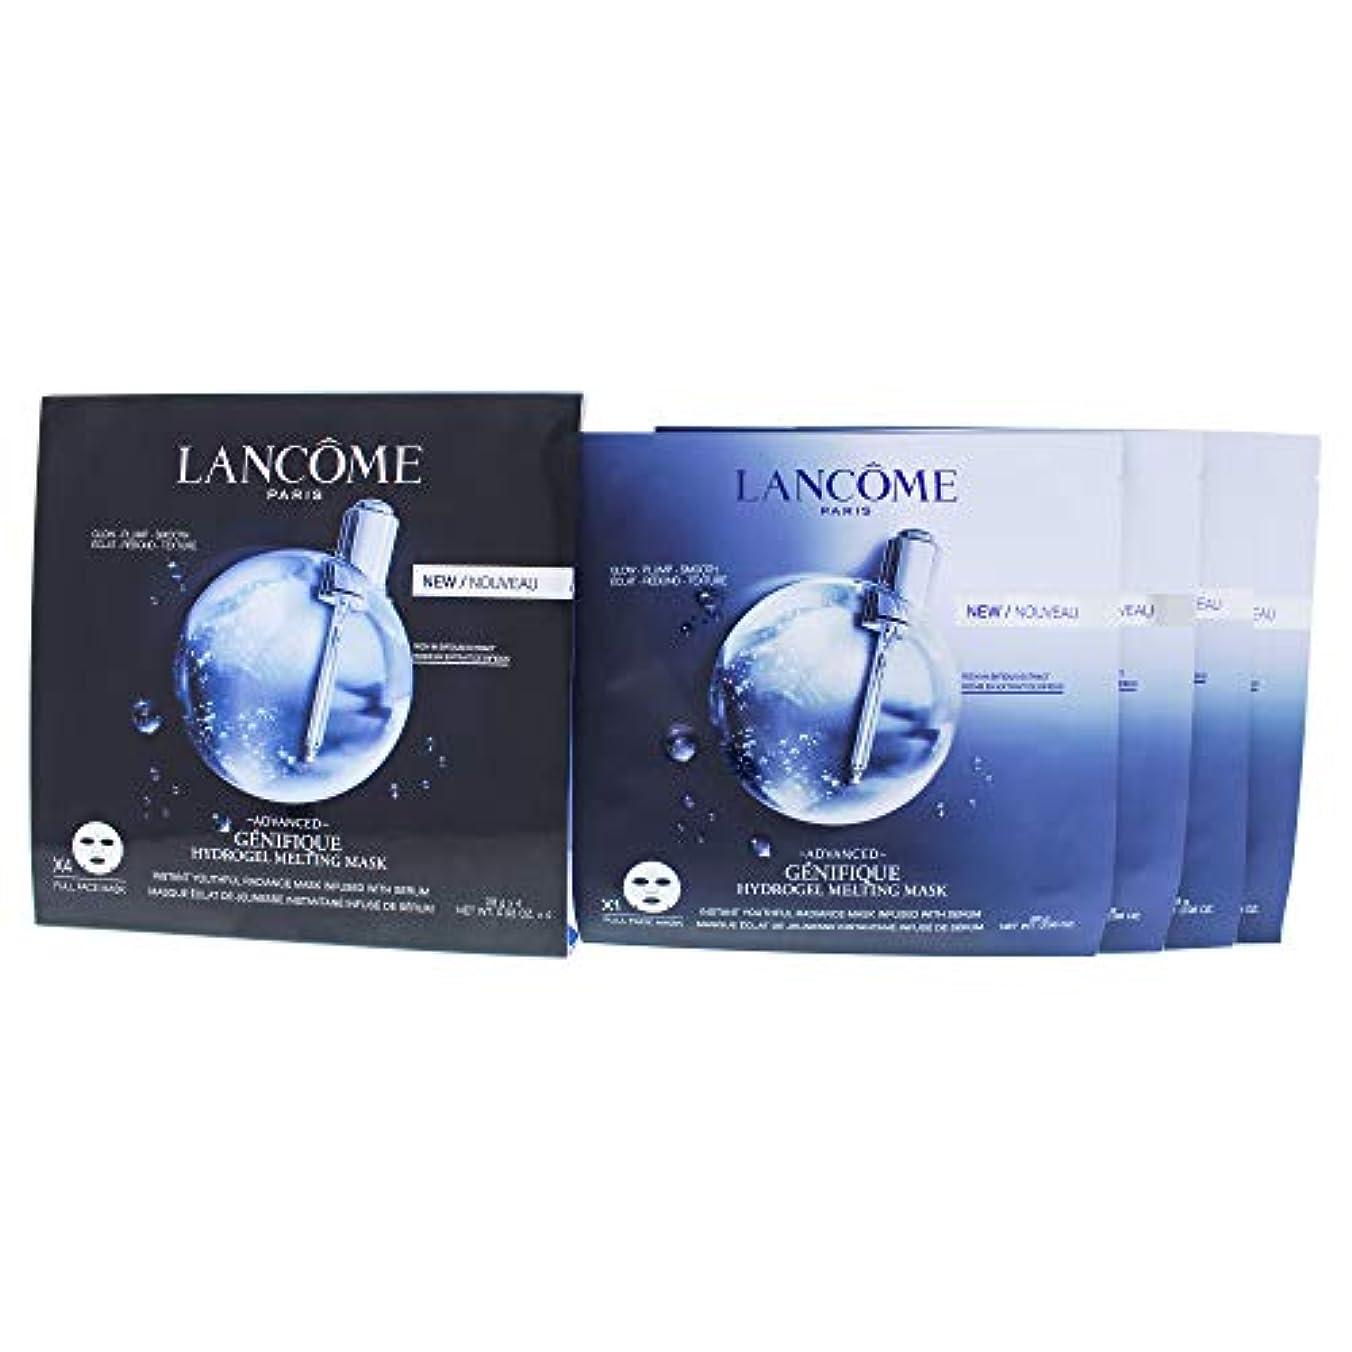 浴室ガジュマル温室ランコム Genifique Advanced Hydrogel Melting Mask 4sheets並行輸入品